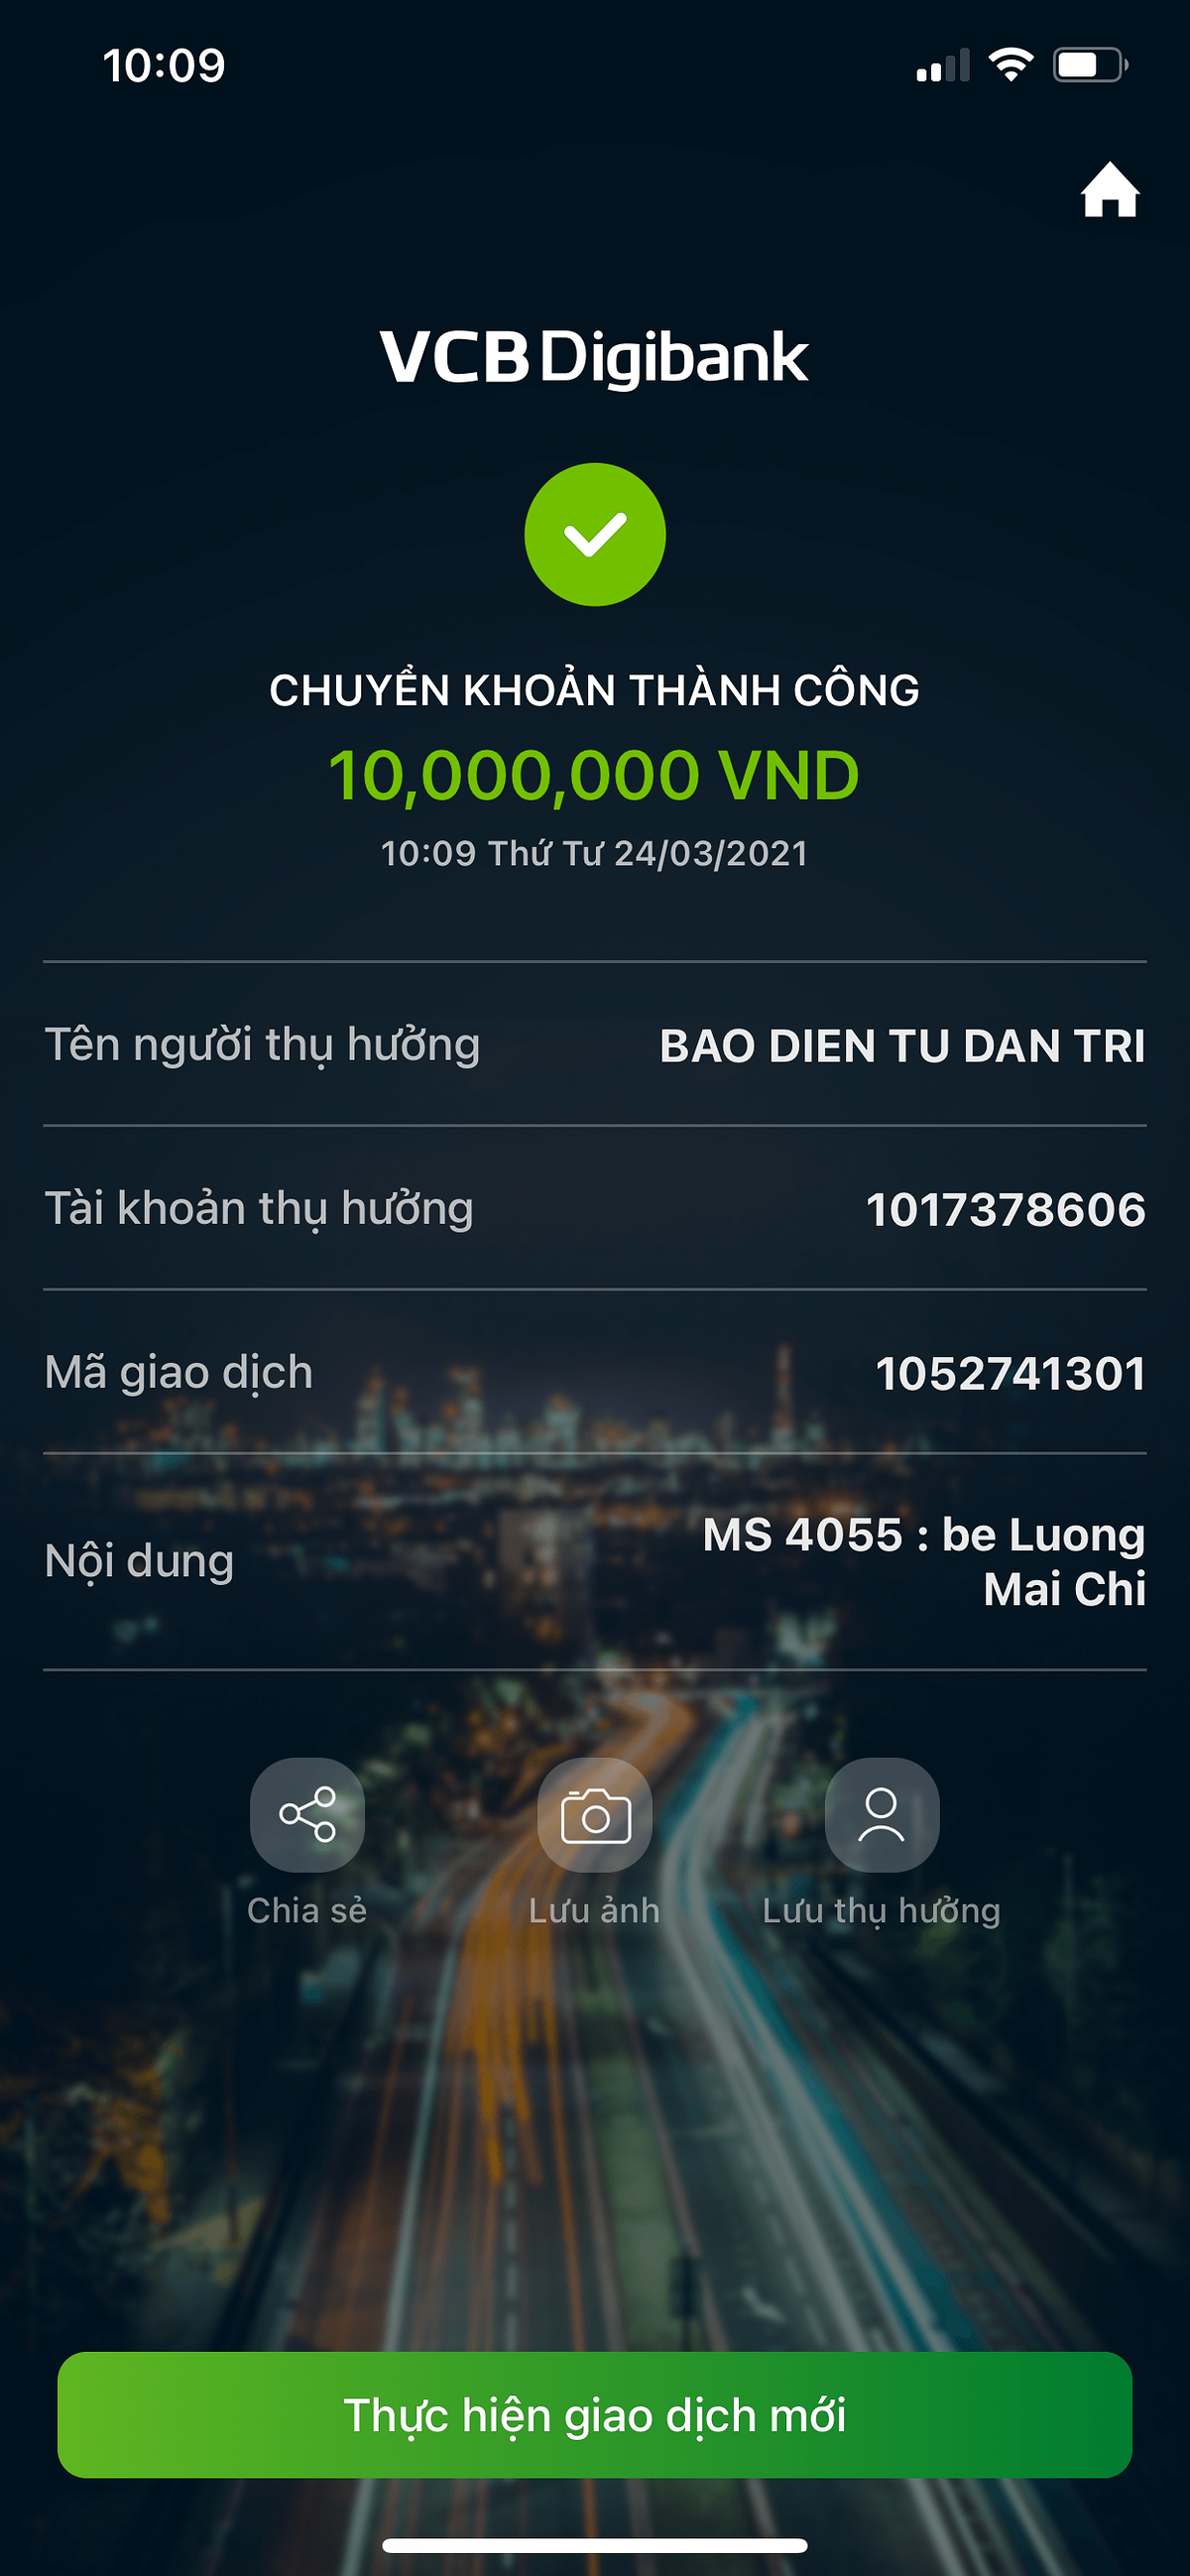 2021505d676b-f08a-414e-9b7a-7a70179fd020.png